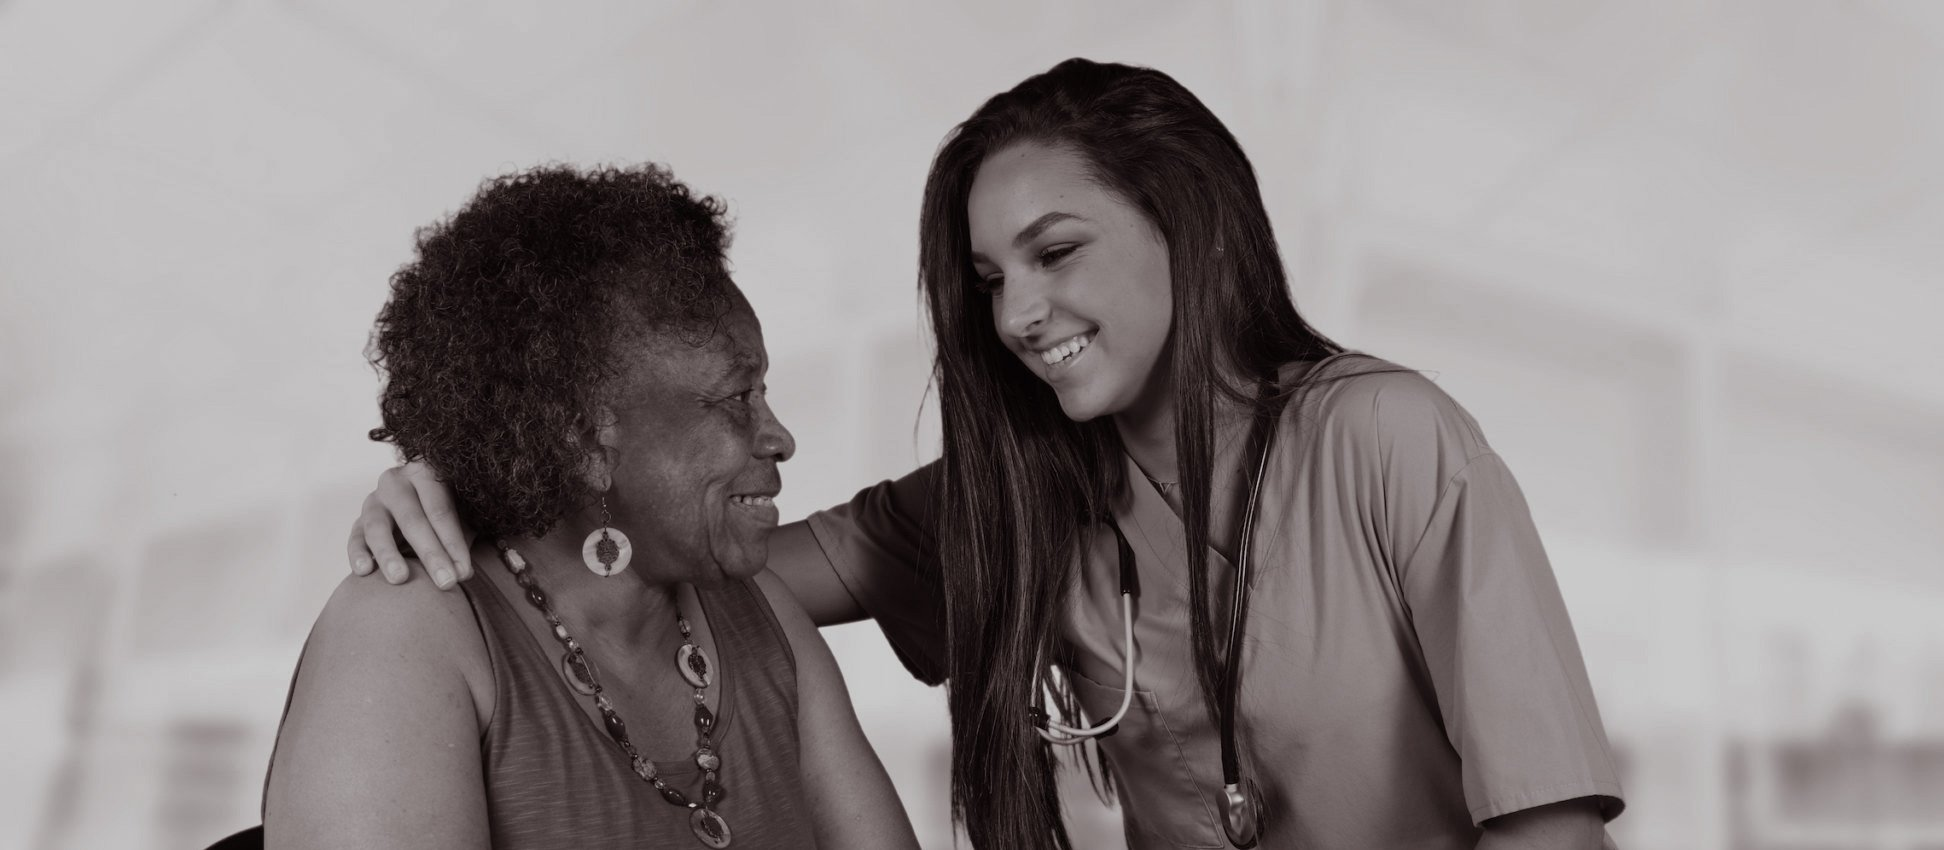 senior care, nursing home